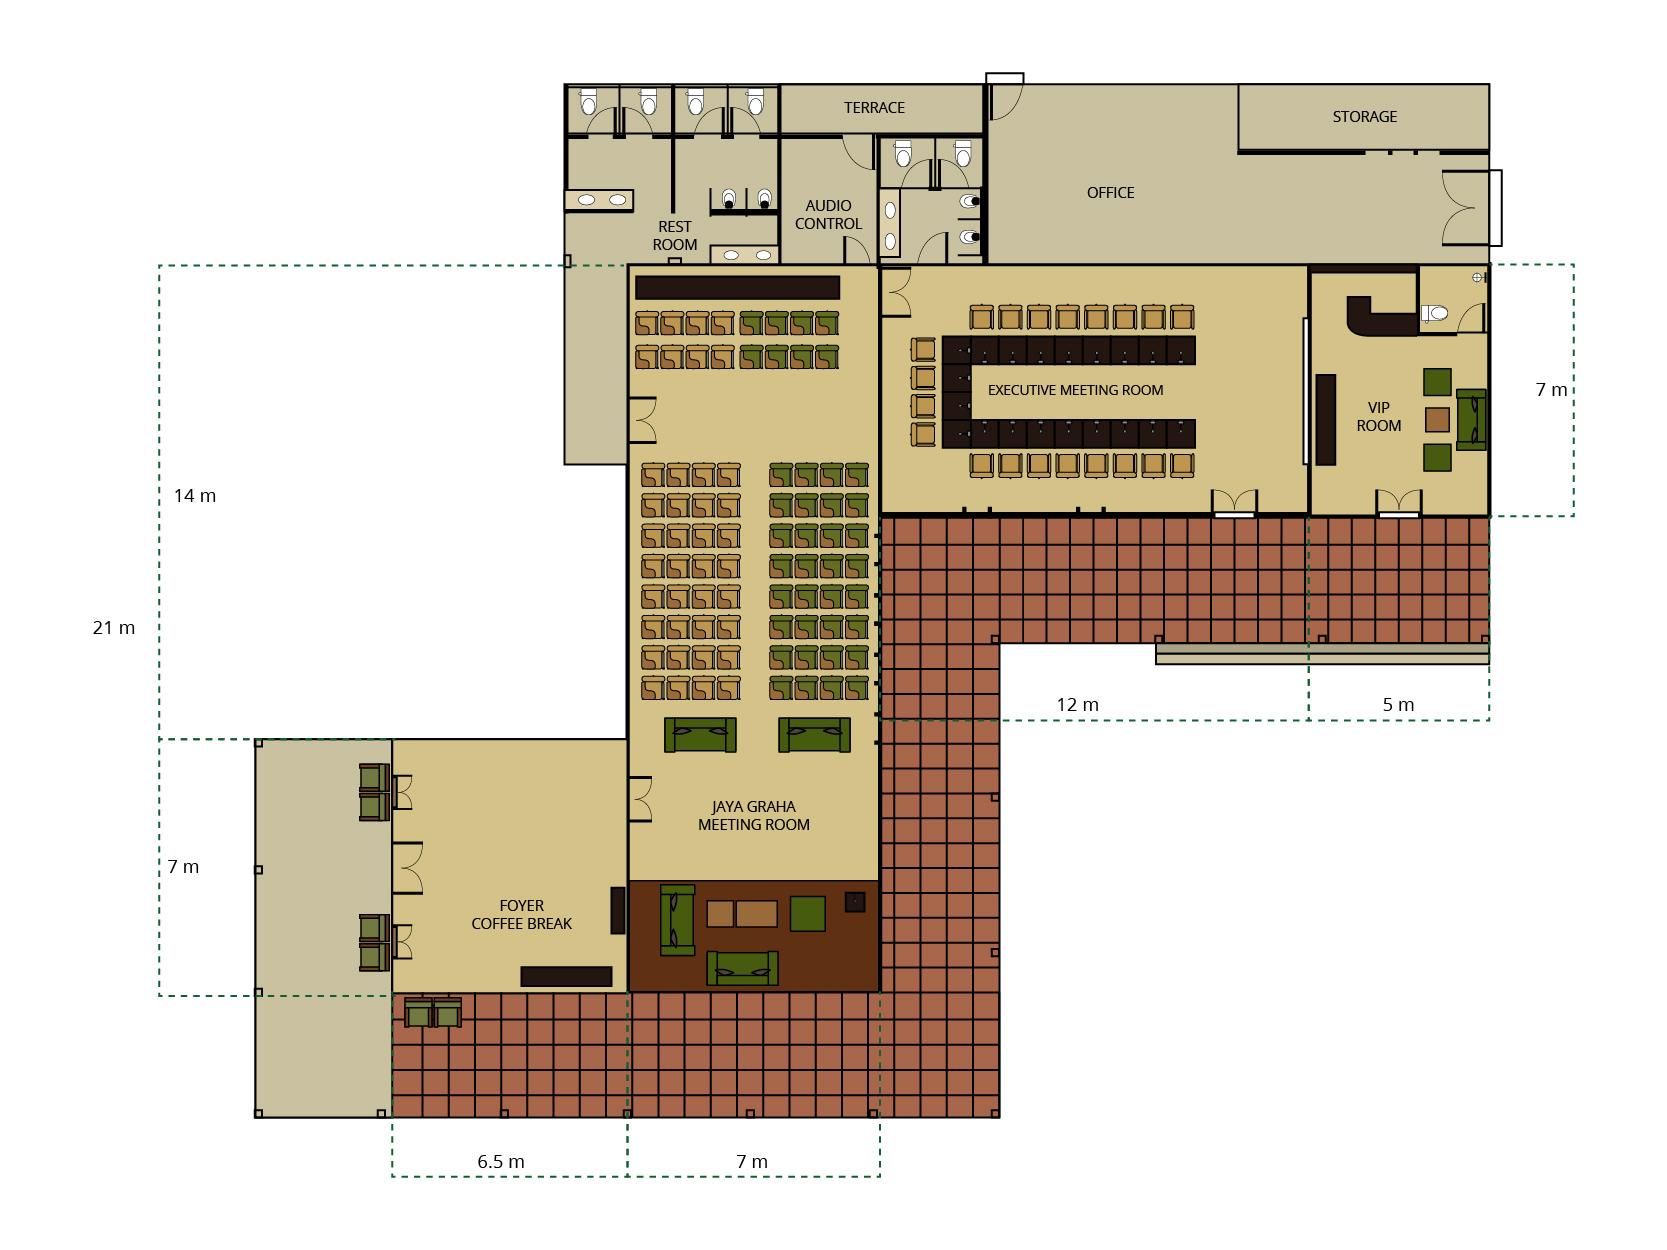 Floor plan of Bagus Agro Pelaga's meeting rooms